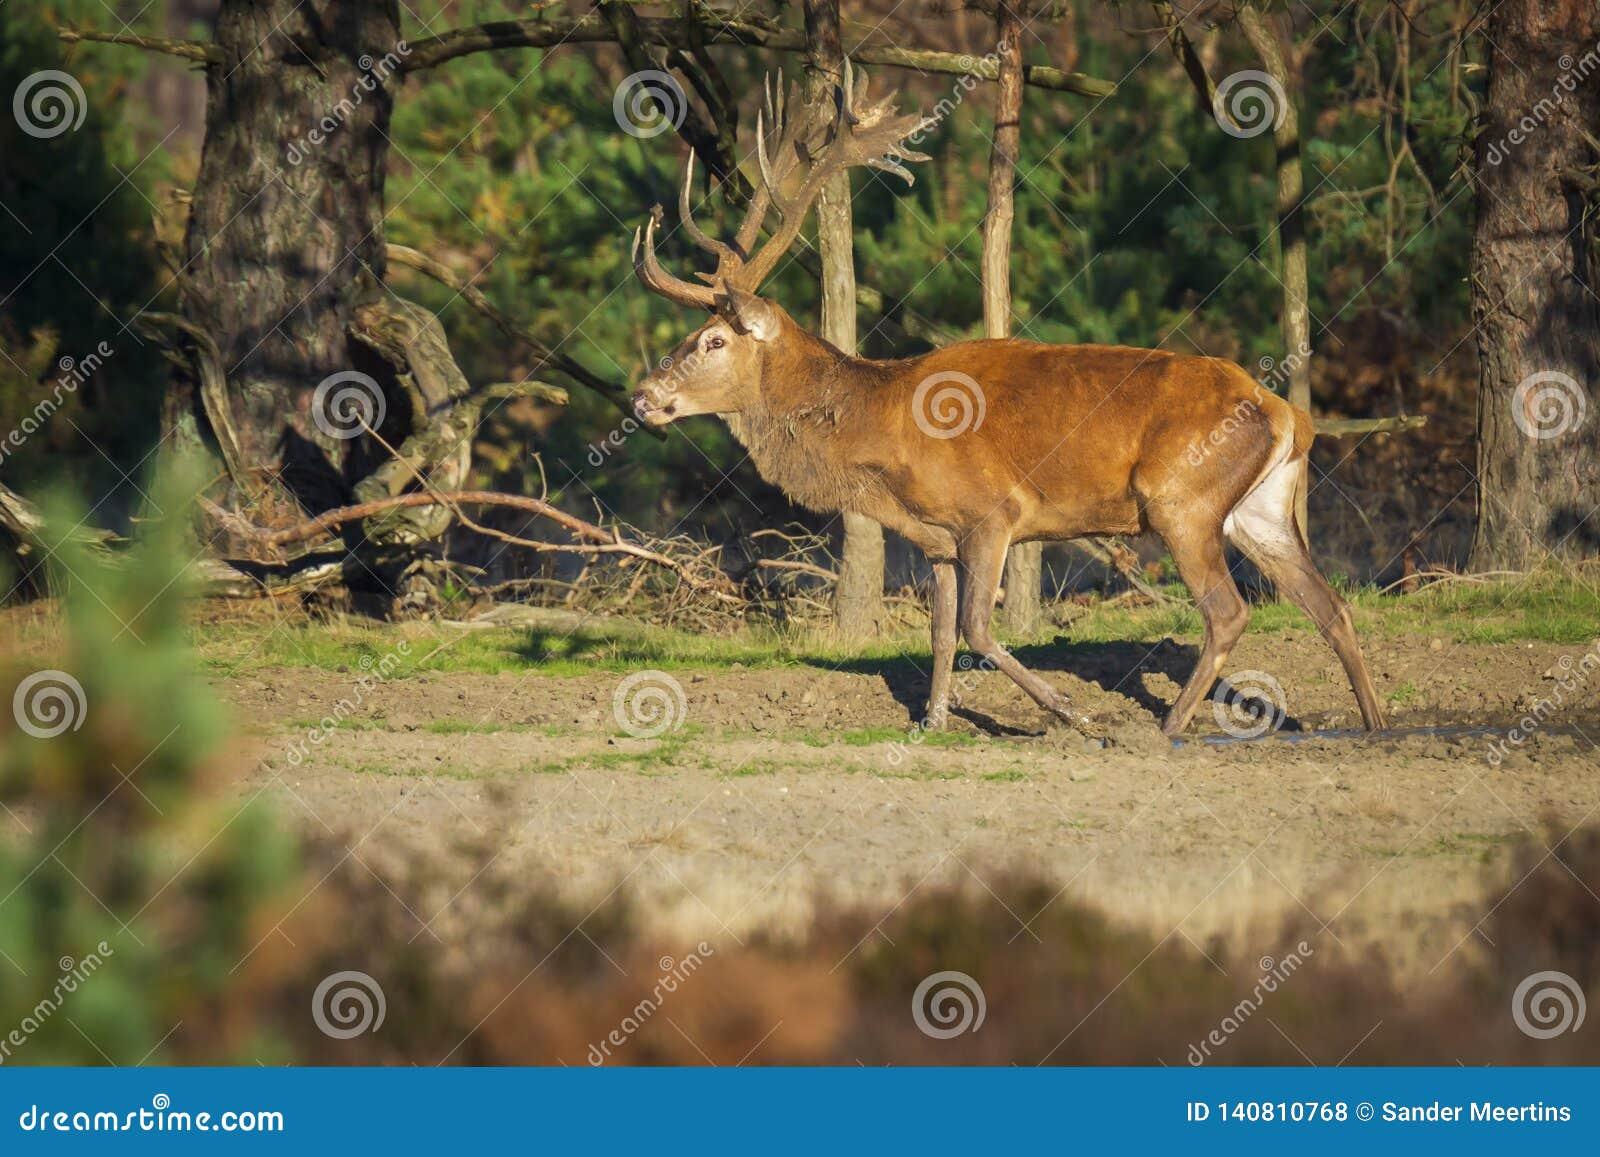 Male red deer, cervus elaphus, during rutting season